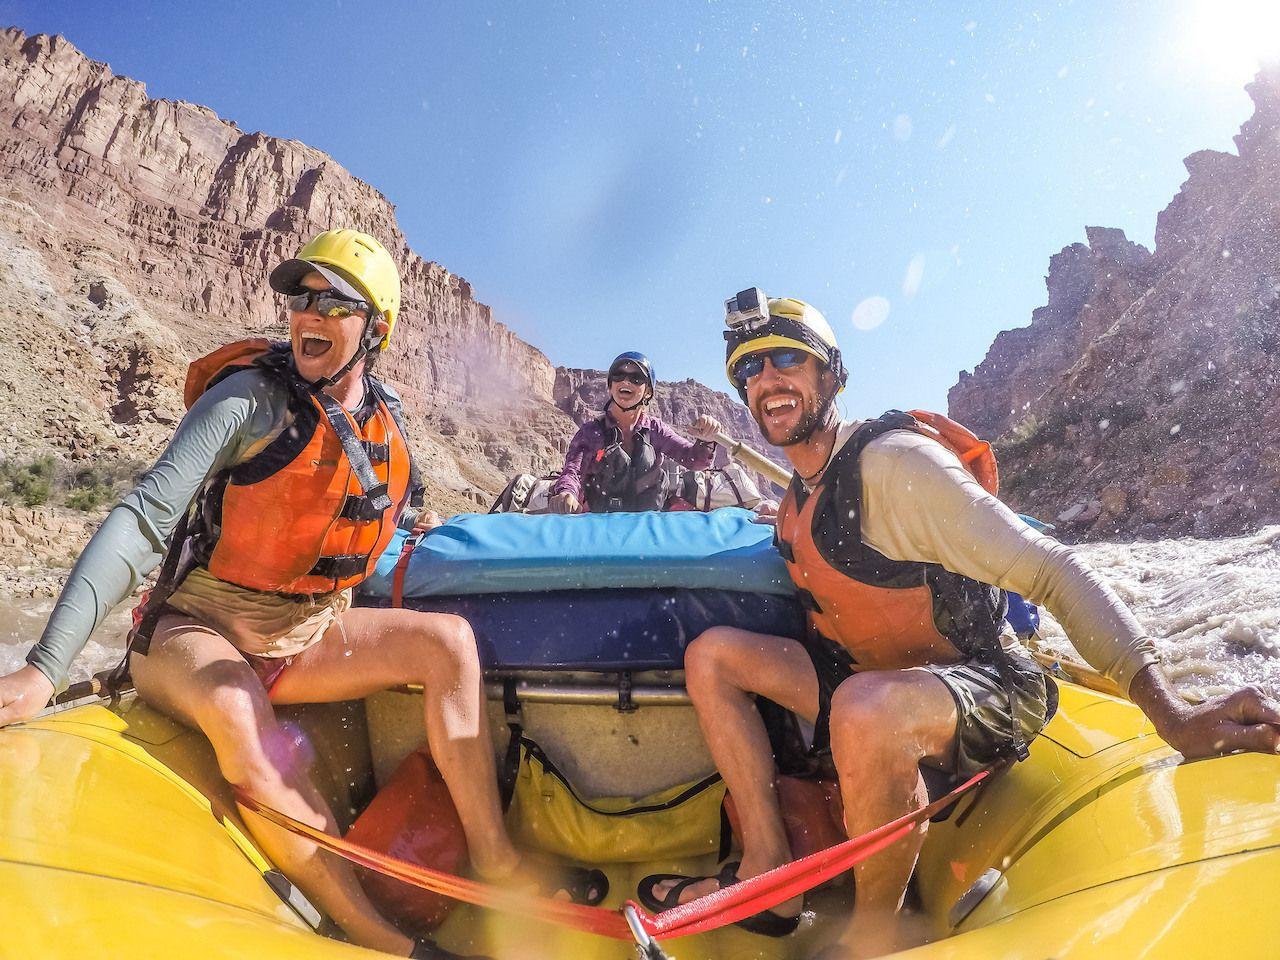 cataract-canyon-rafting-rapids-close-up-fun